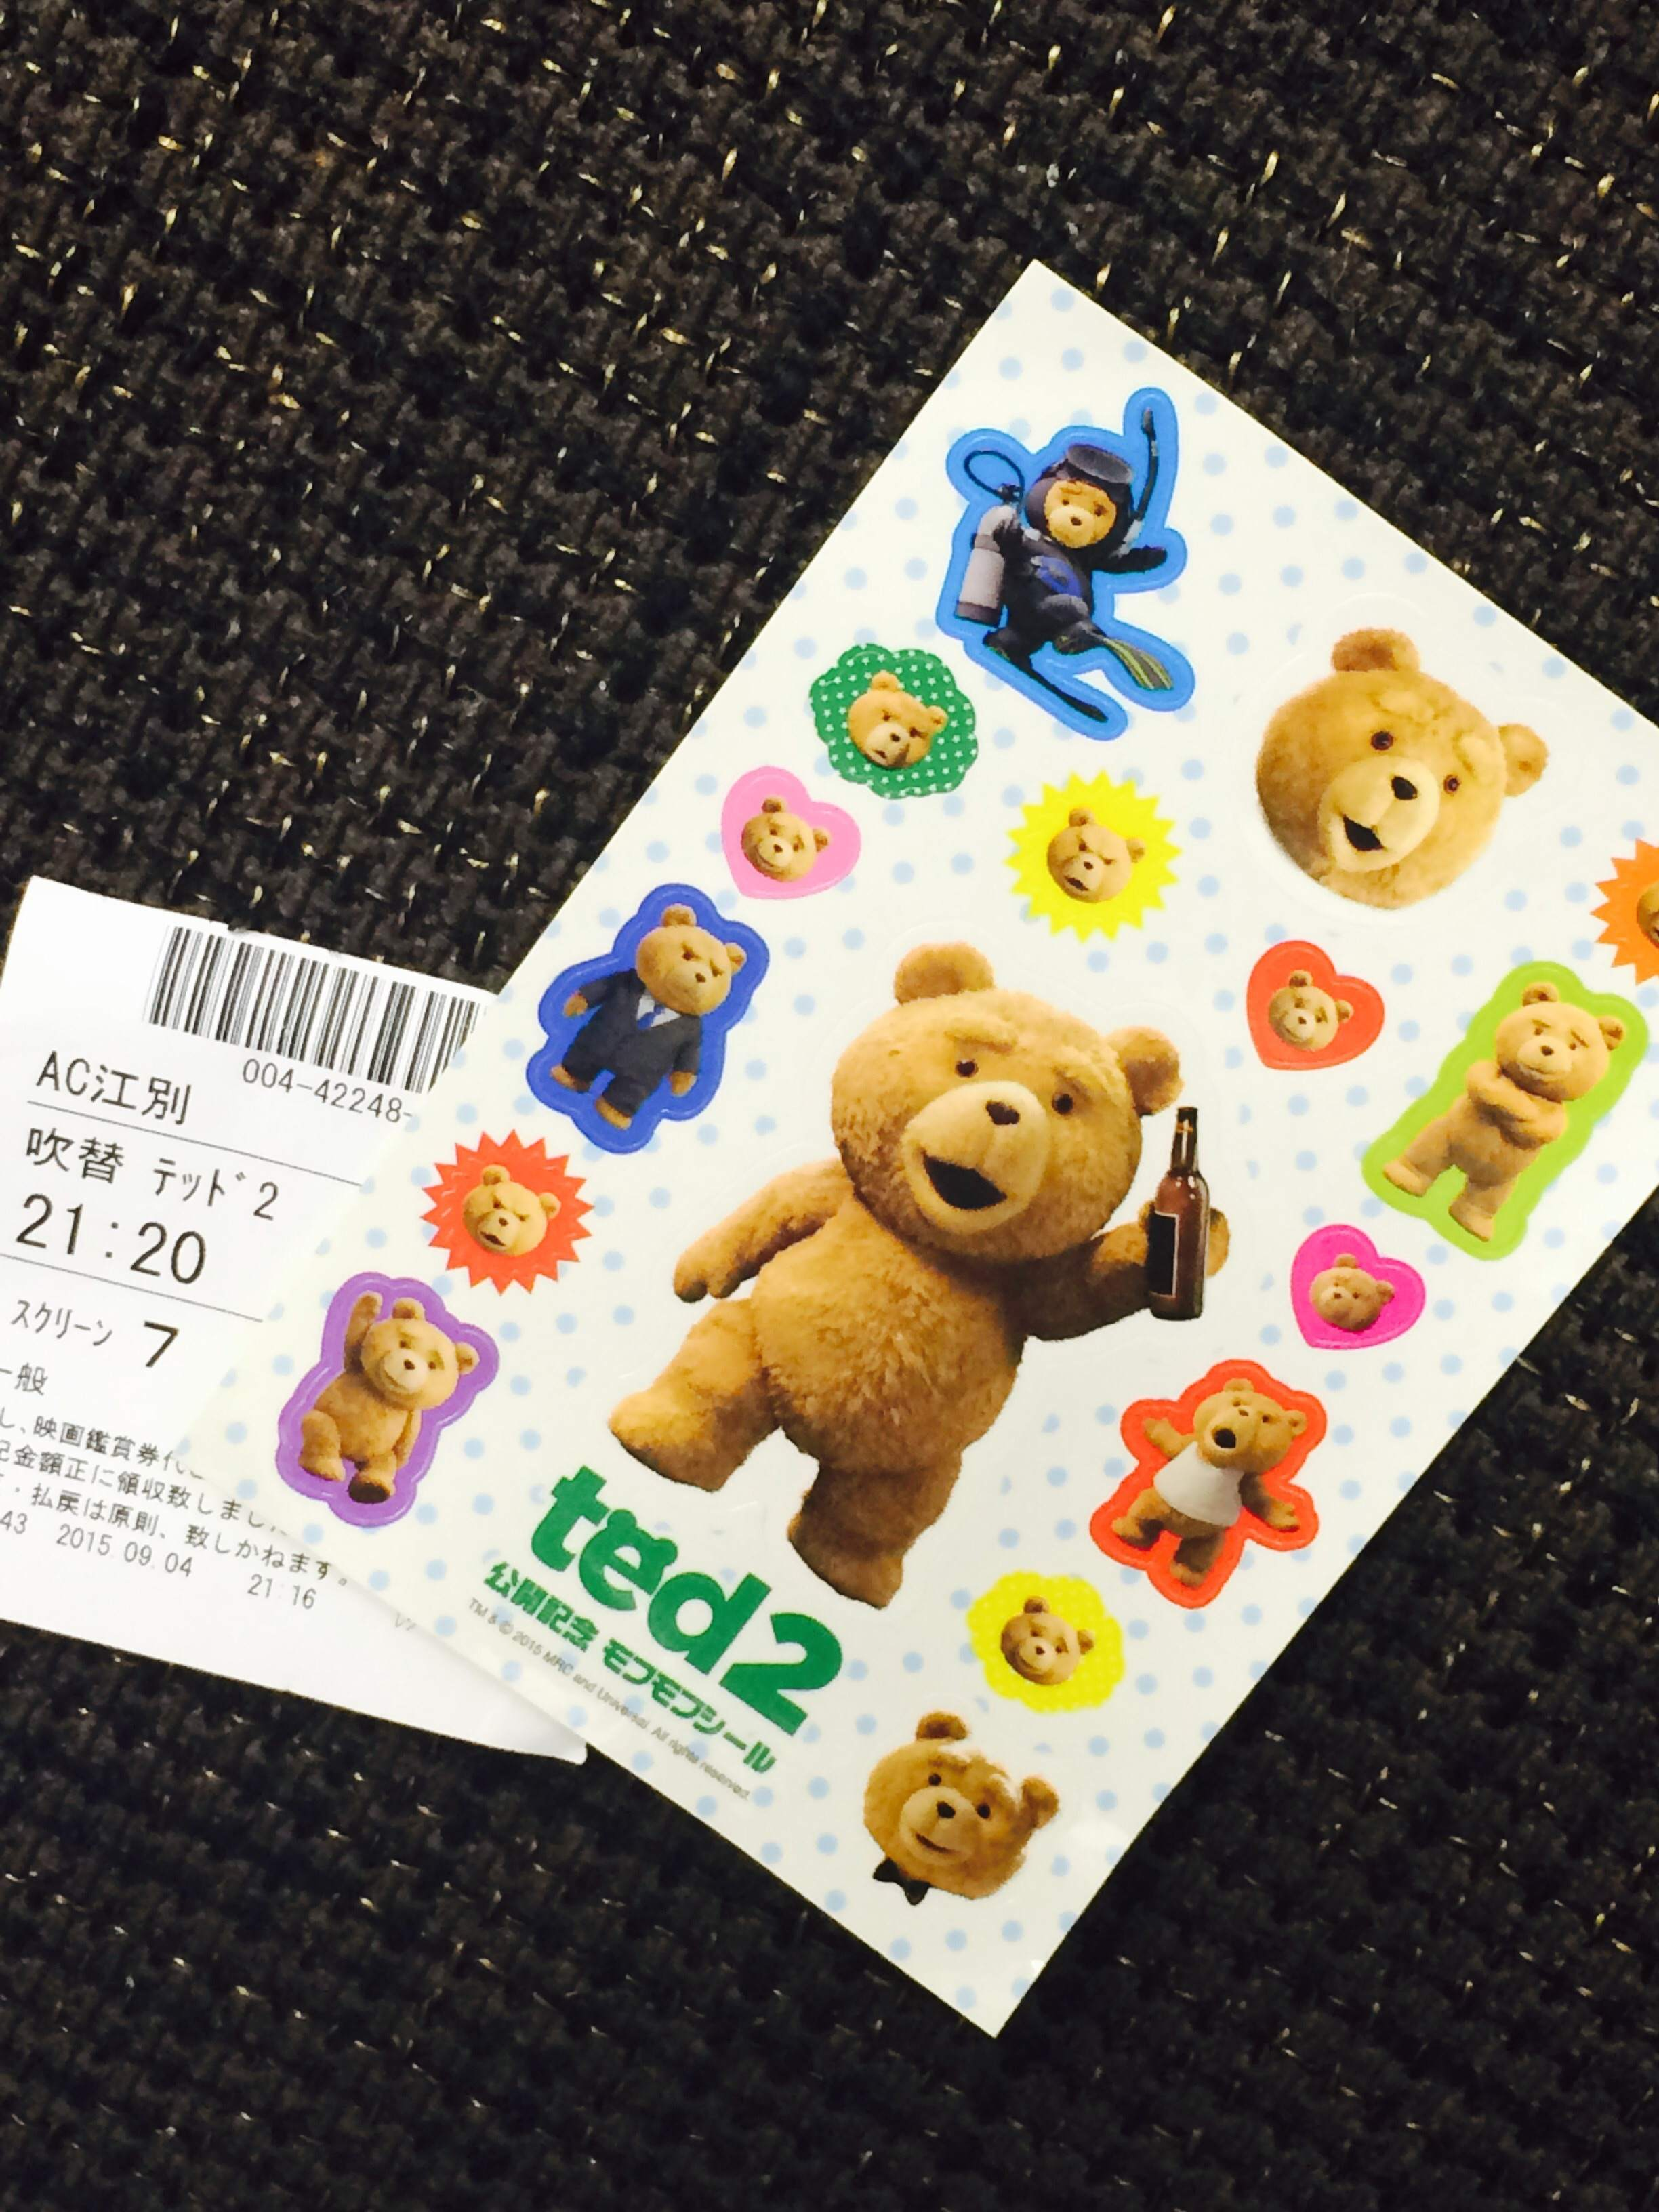 今期注目映画・ted2!感想を述べます。